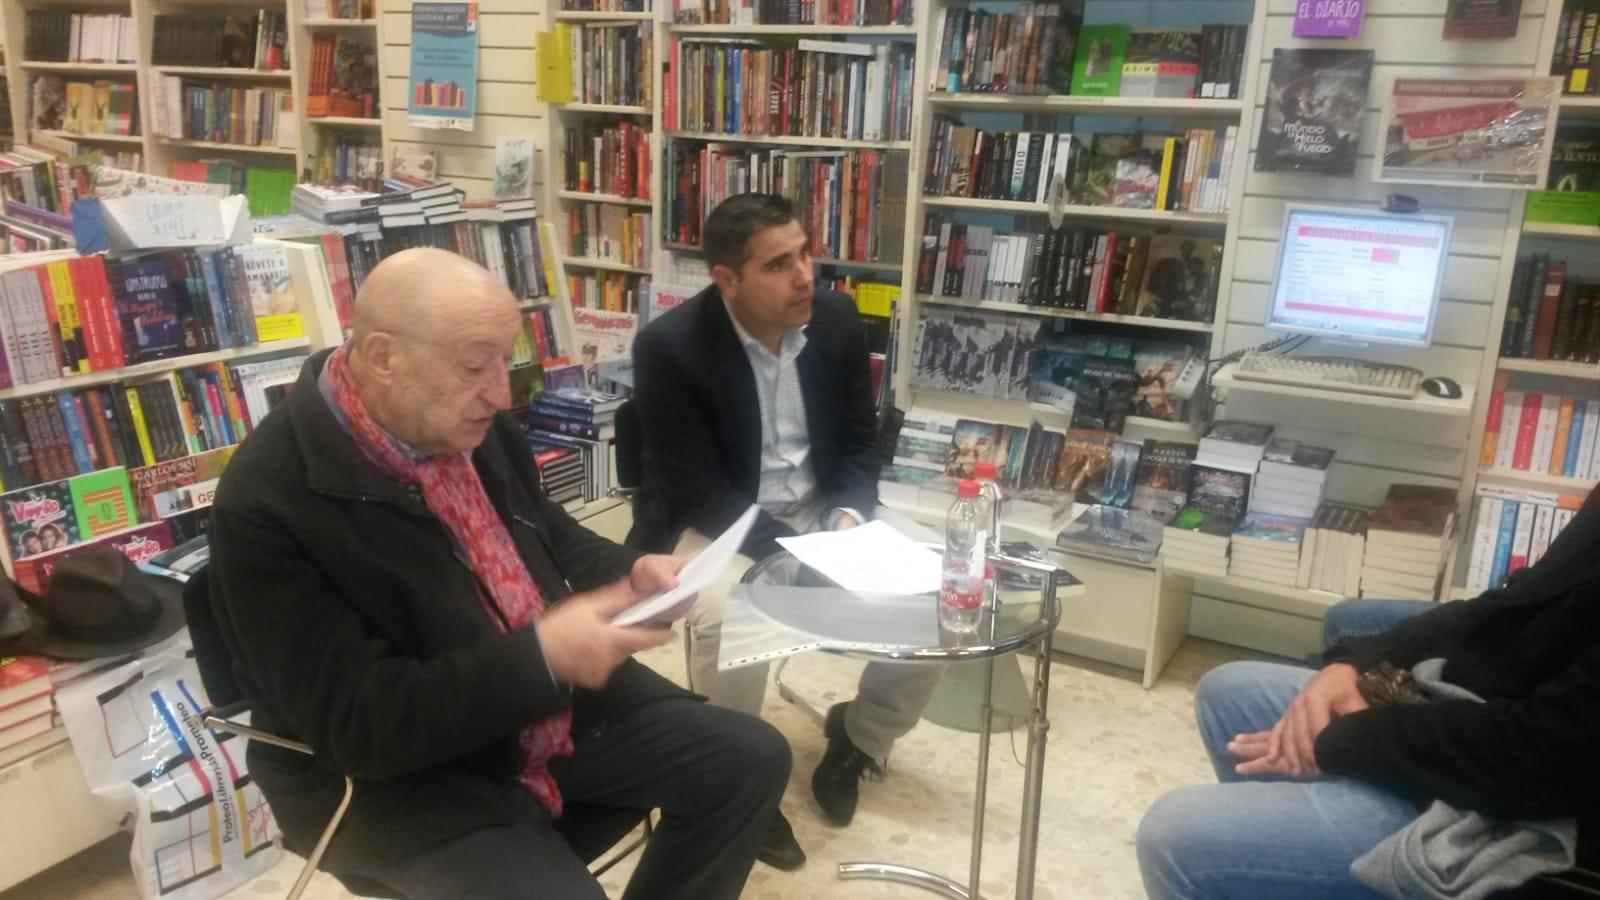 Publicar-un-libro-editar-Terra-Ignota-Ediciones-España-Cataluña-Catalunya-Catalán-català-www.terraignotaediciones.com-autopublicación-autoedicion-coedición-manuscrito-librerias-proteo-1